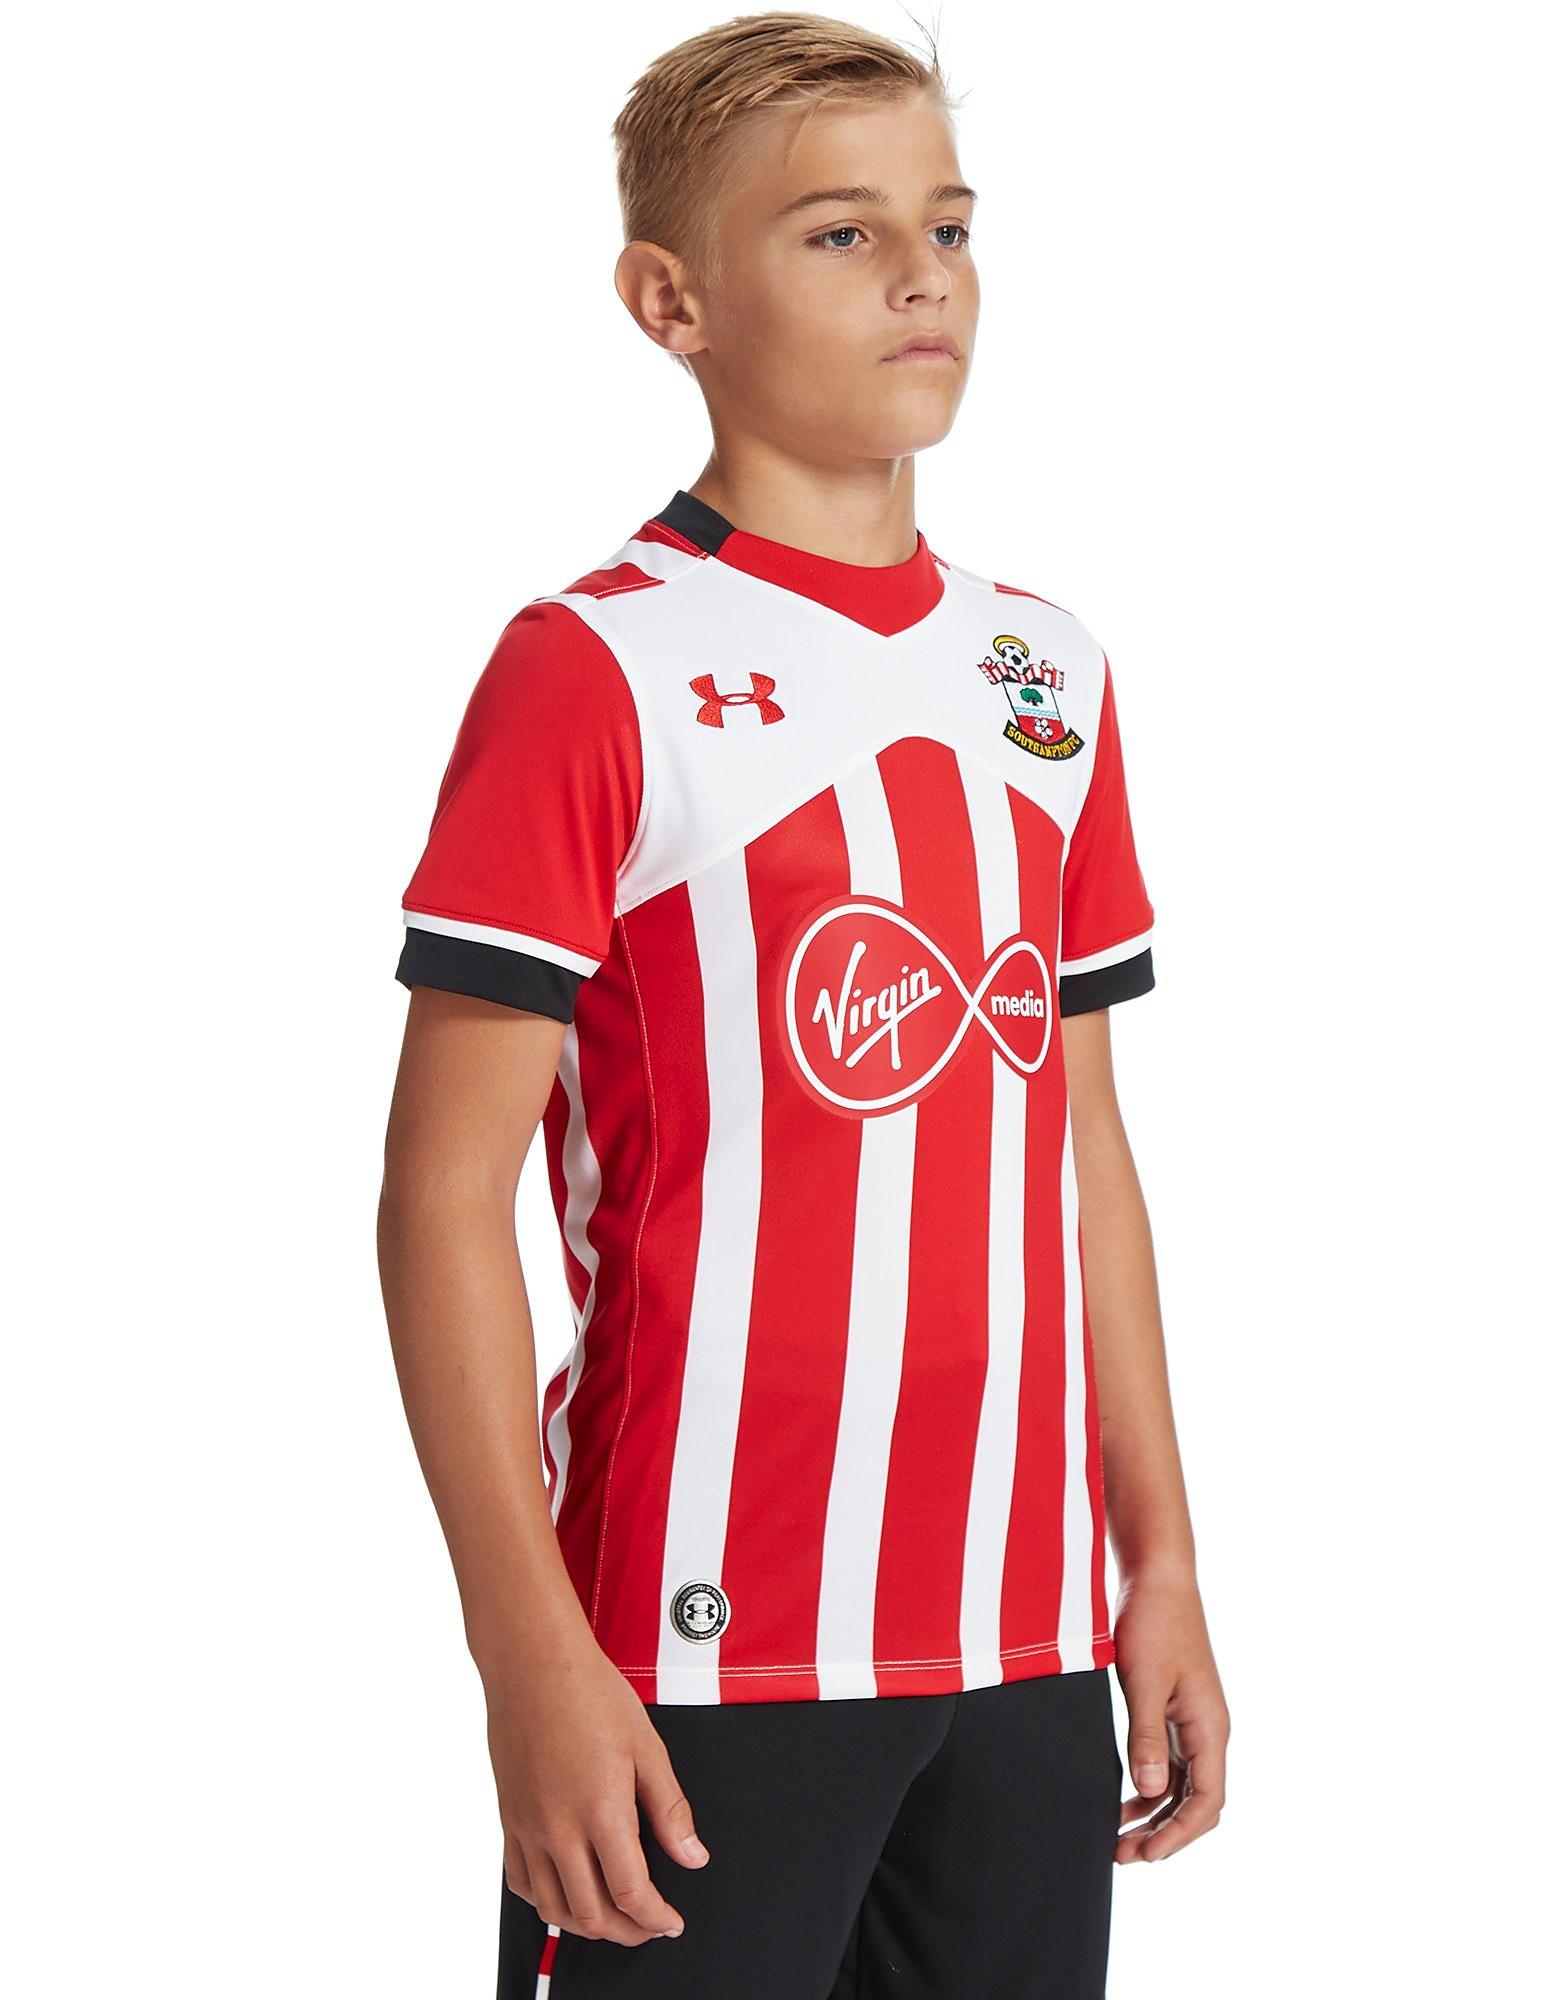 Under Armour Southampton FC 2016/17 Home Shirt Junior